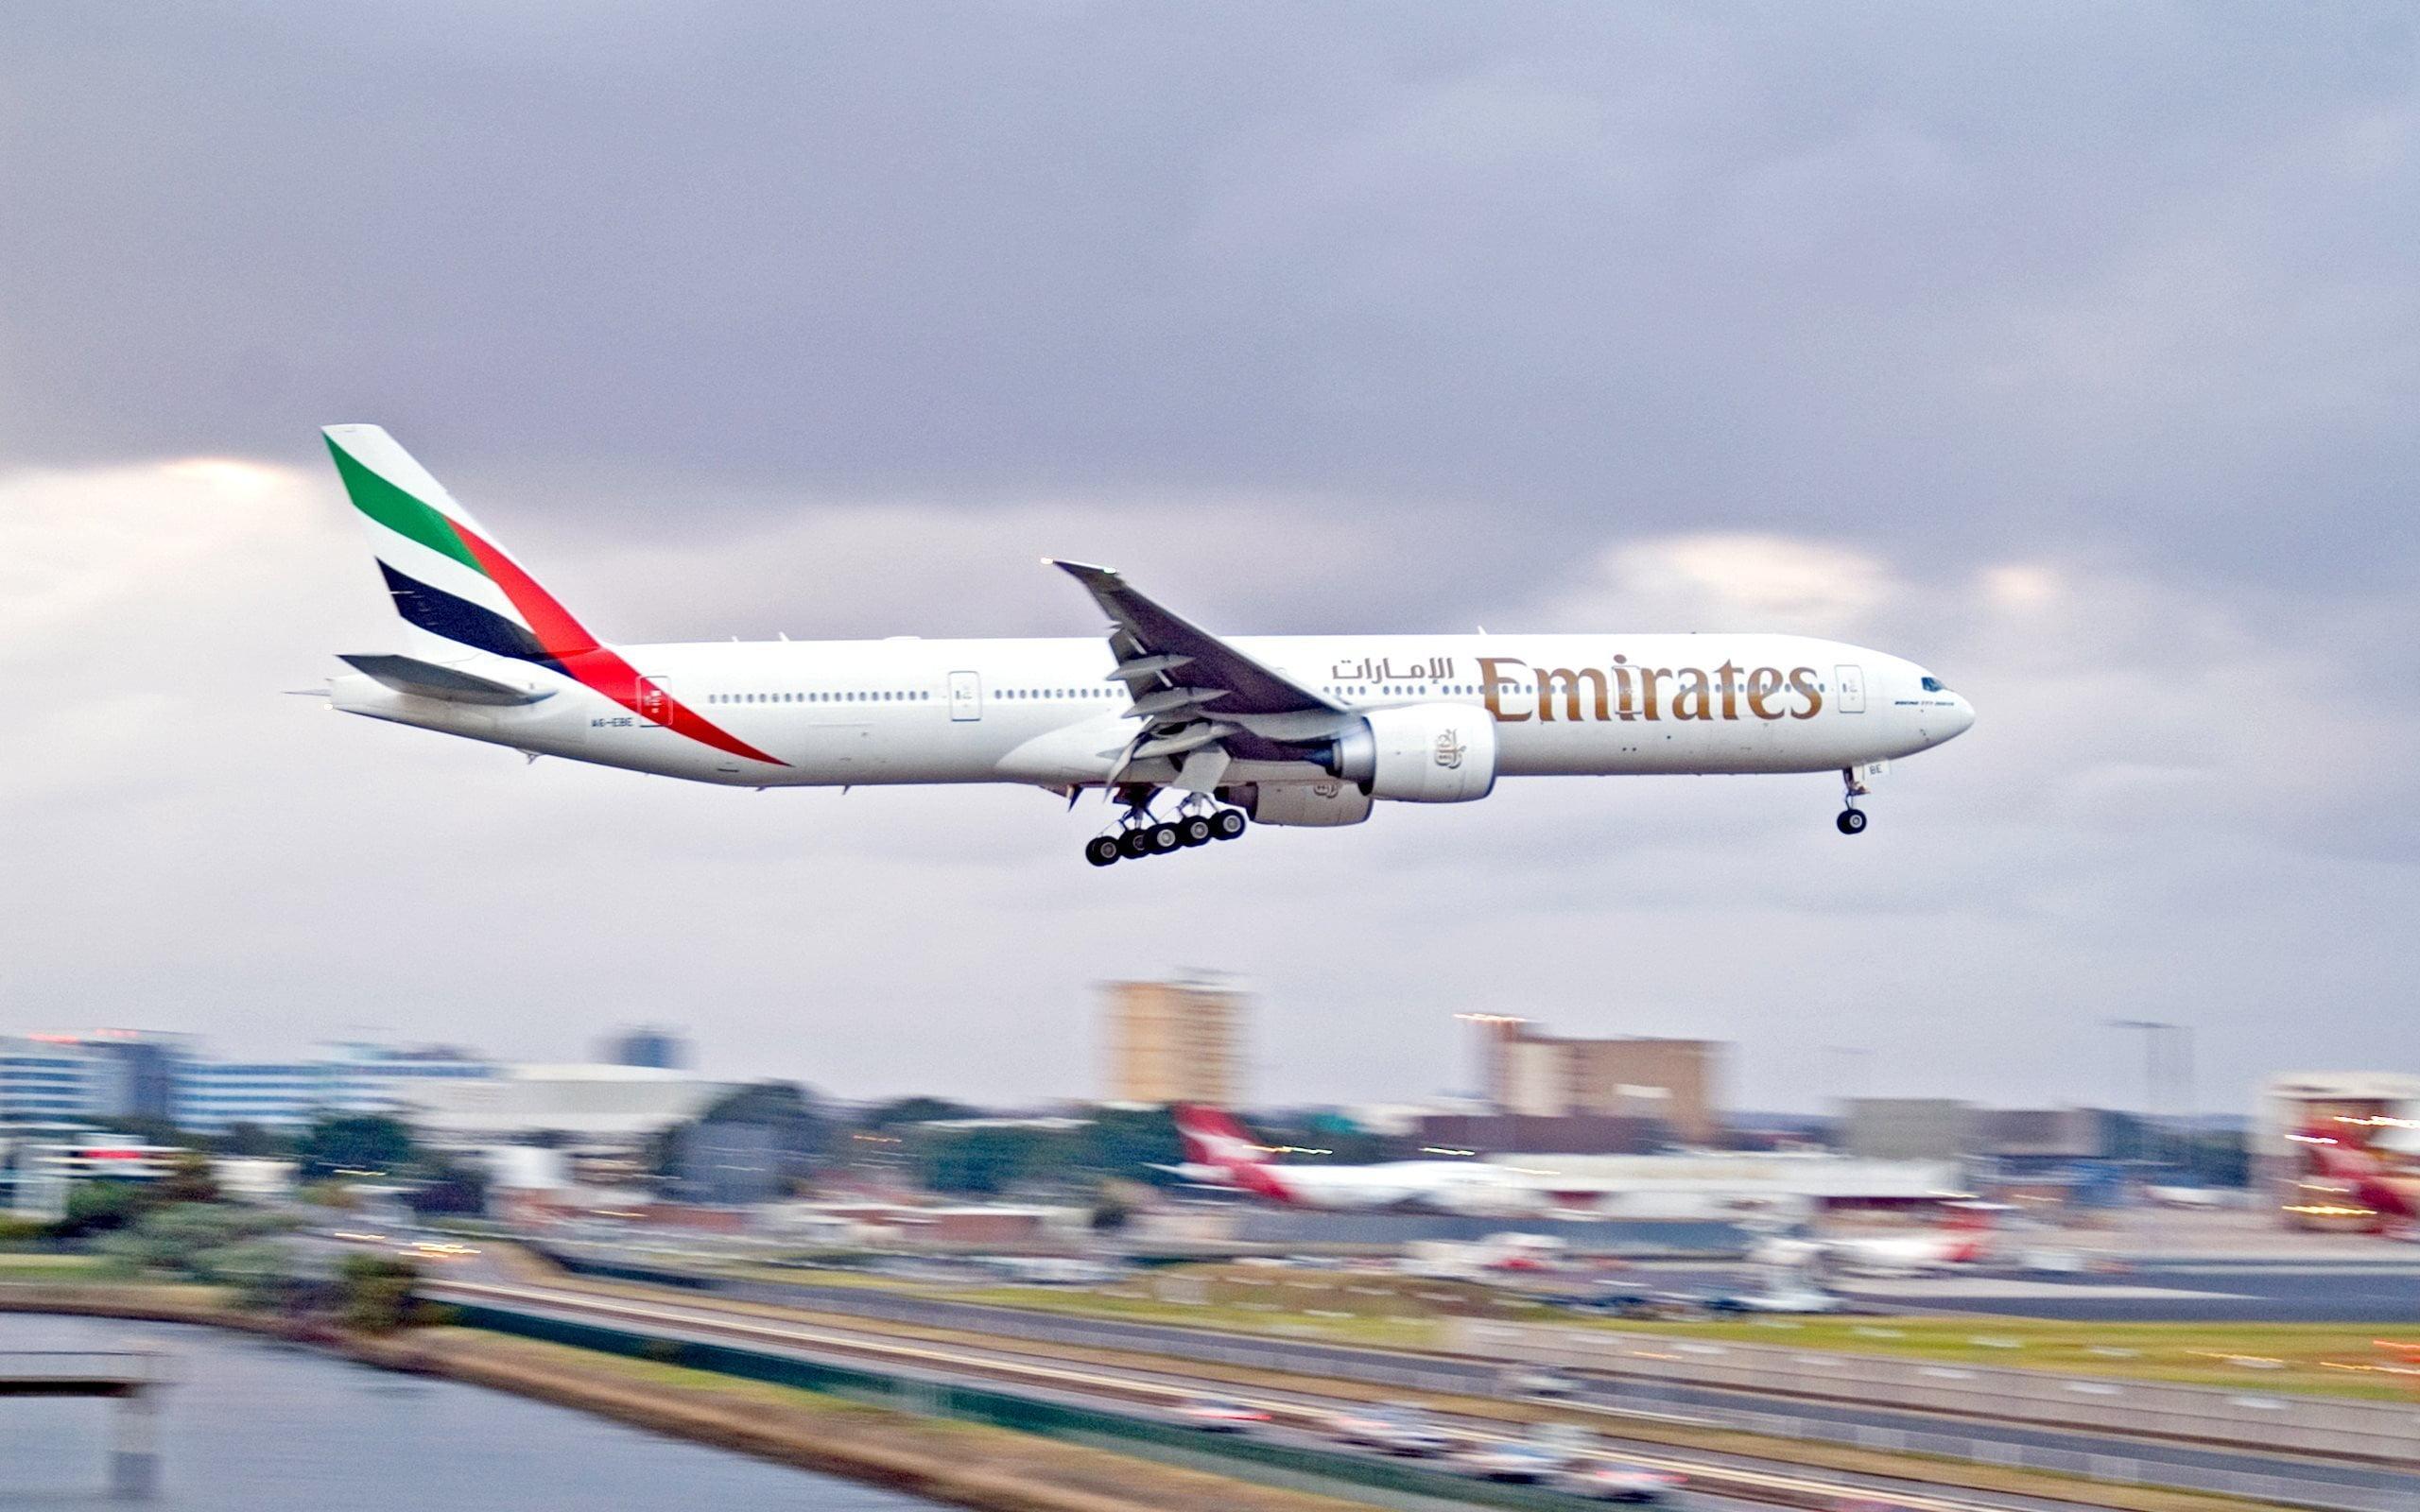 White Emirates Airplane landing during daytime HD wallpaper 2560x1600